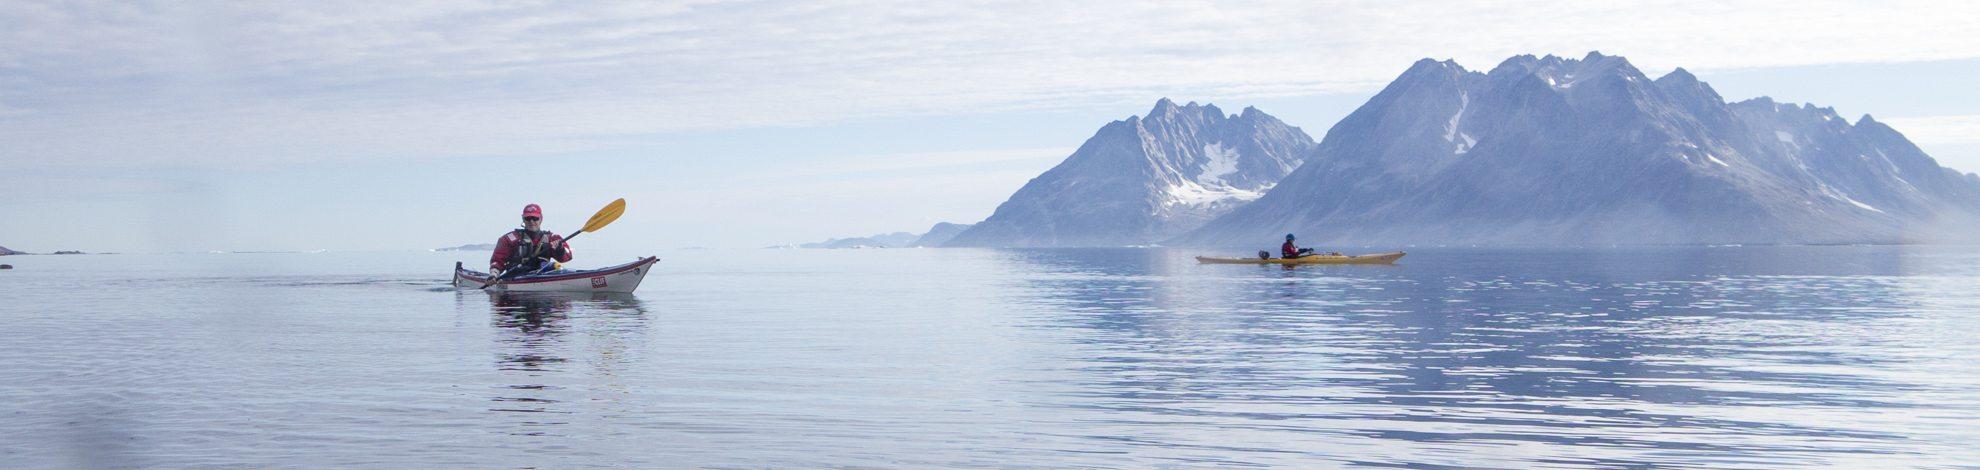 Kajakkekspedisjon på Øst-Grønland